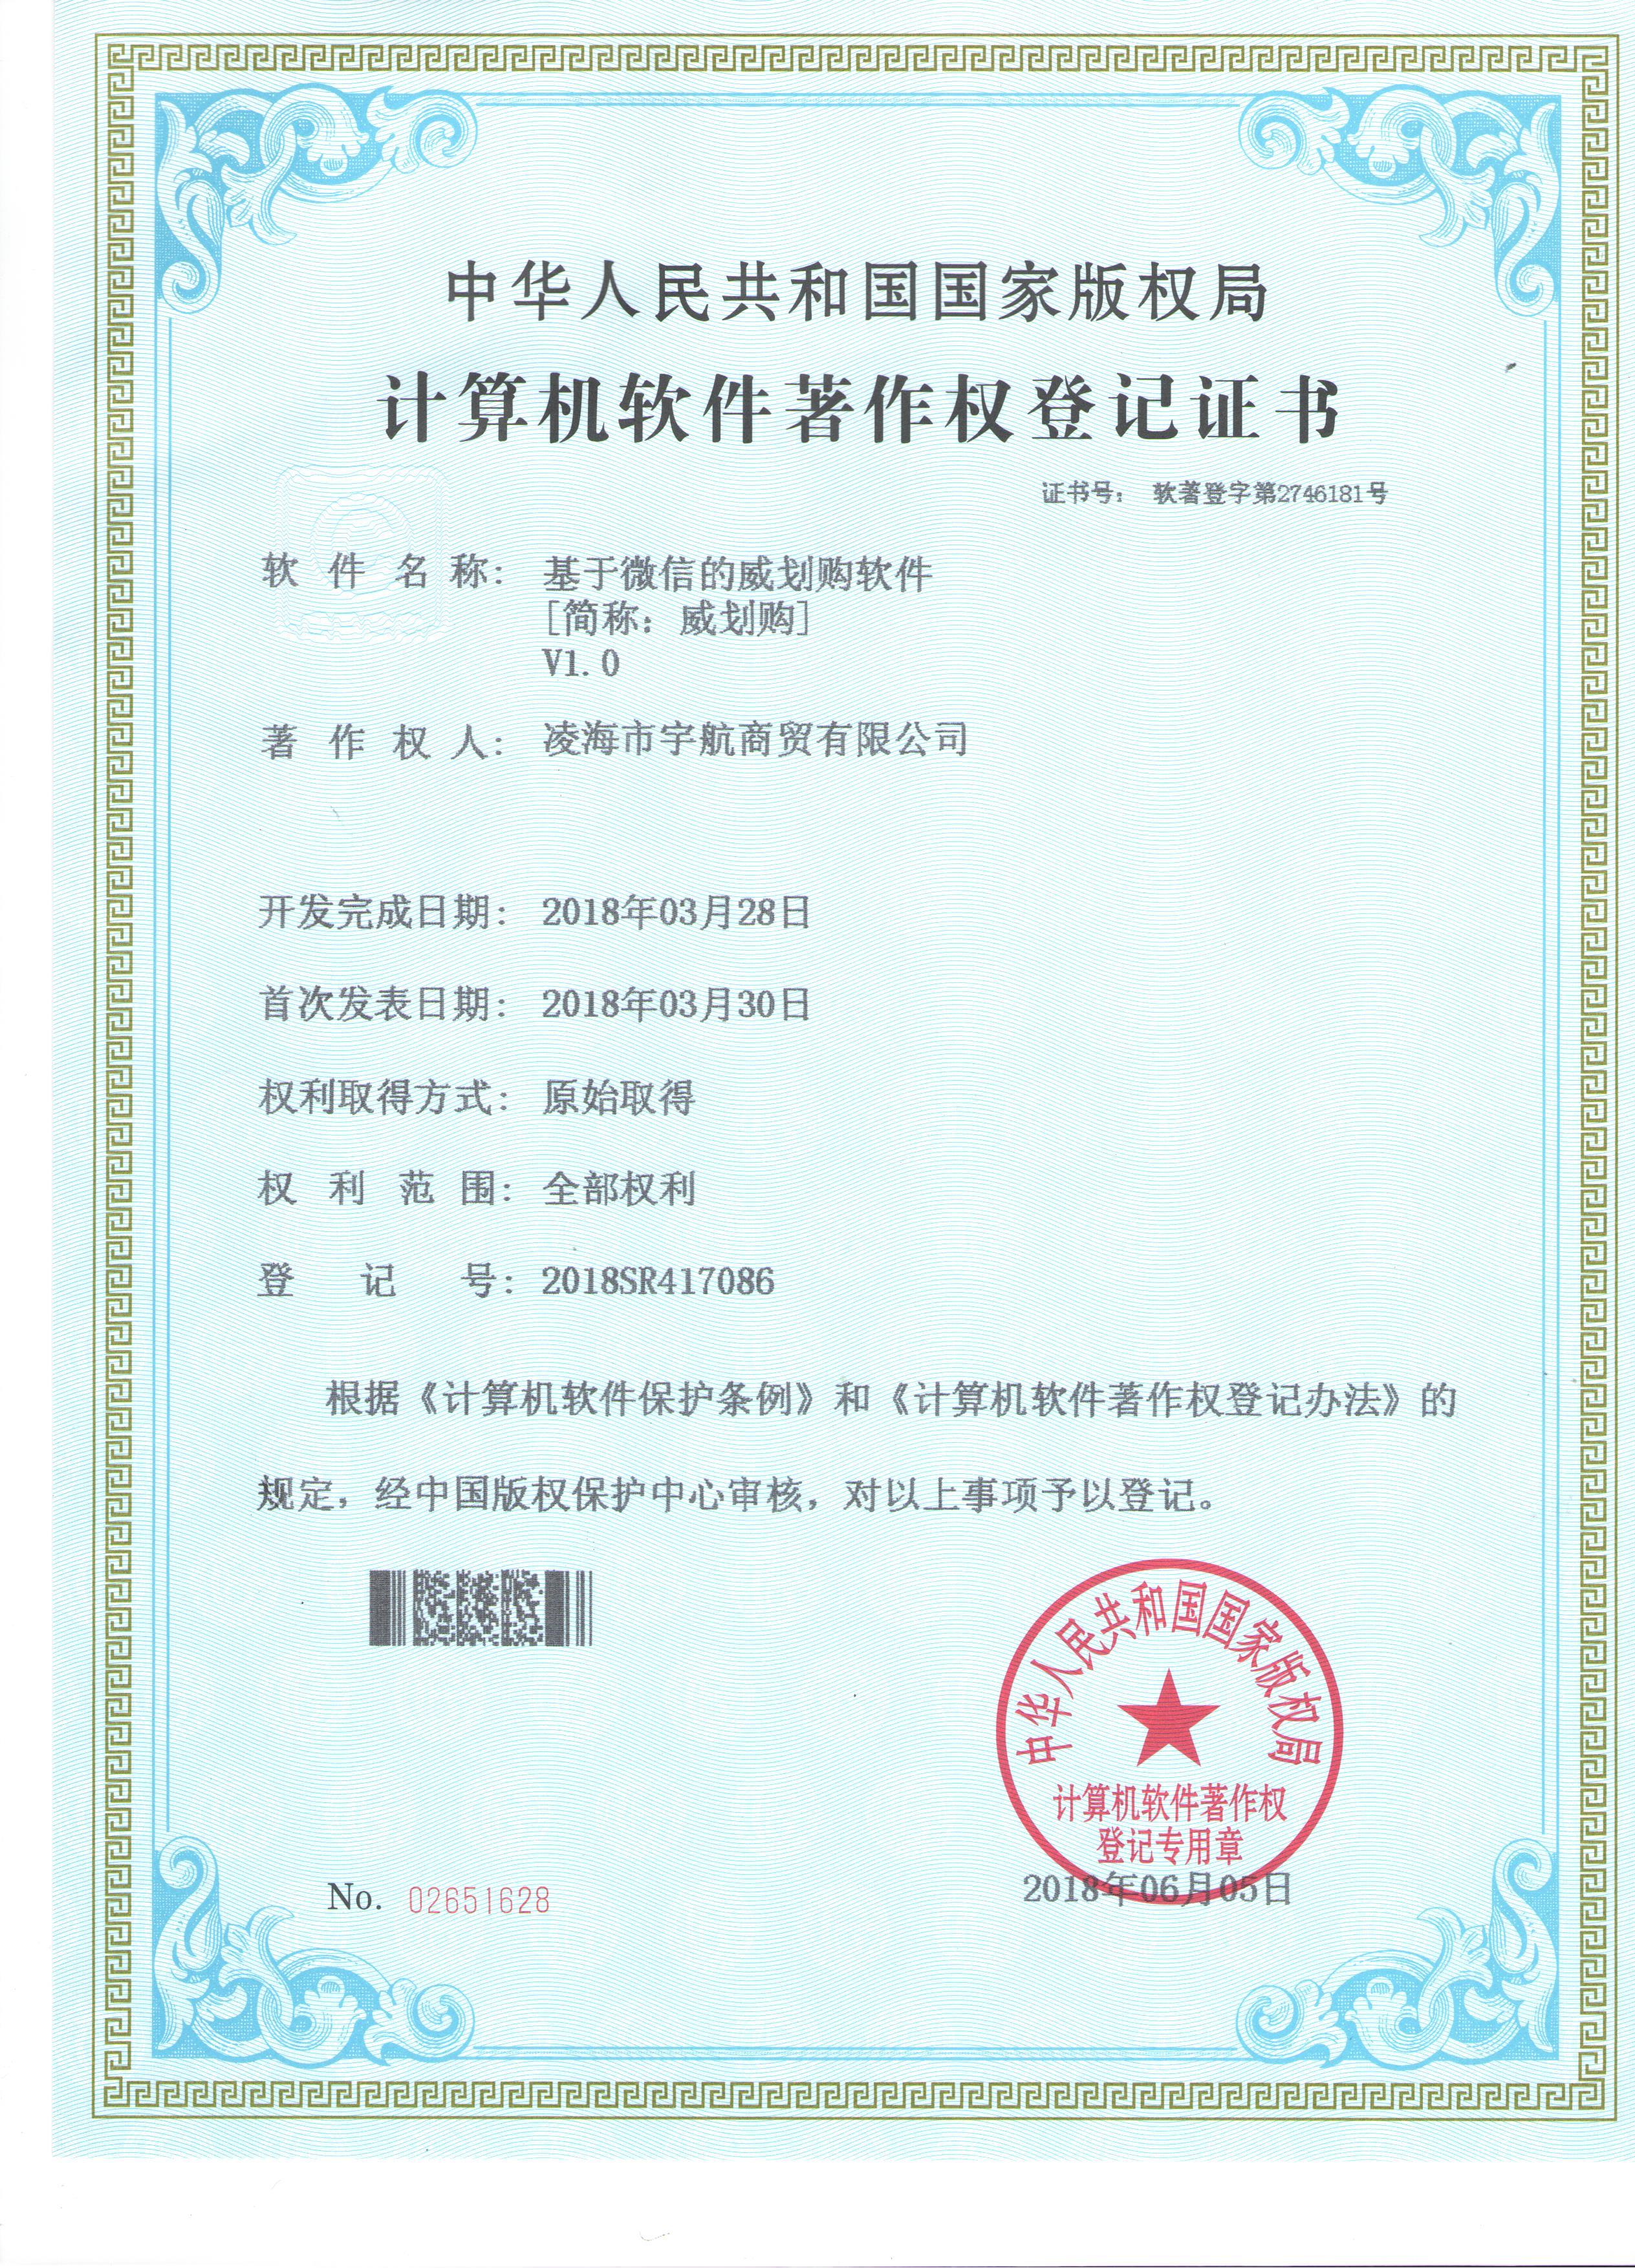 计算机软件著作权登记证书4